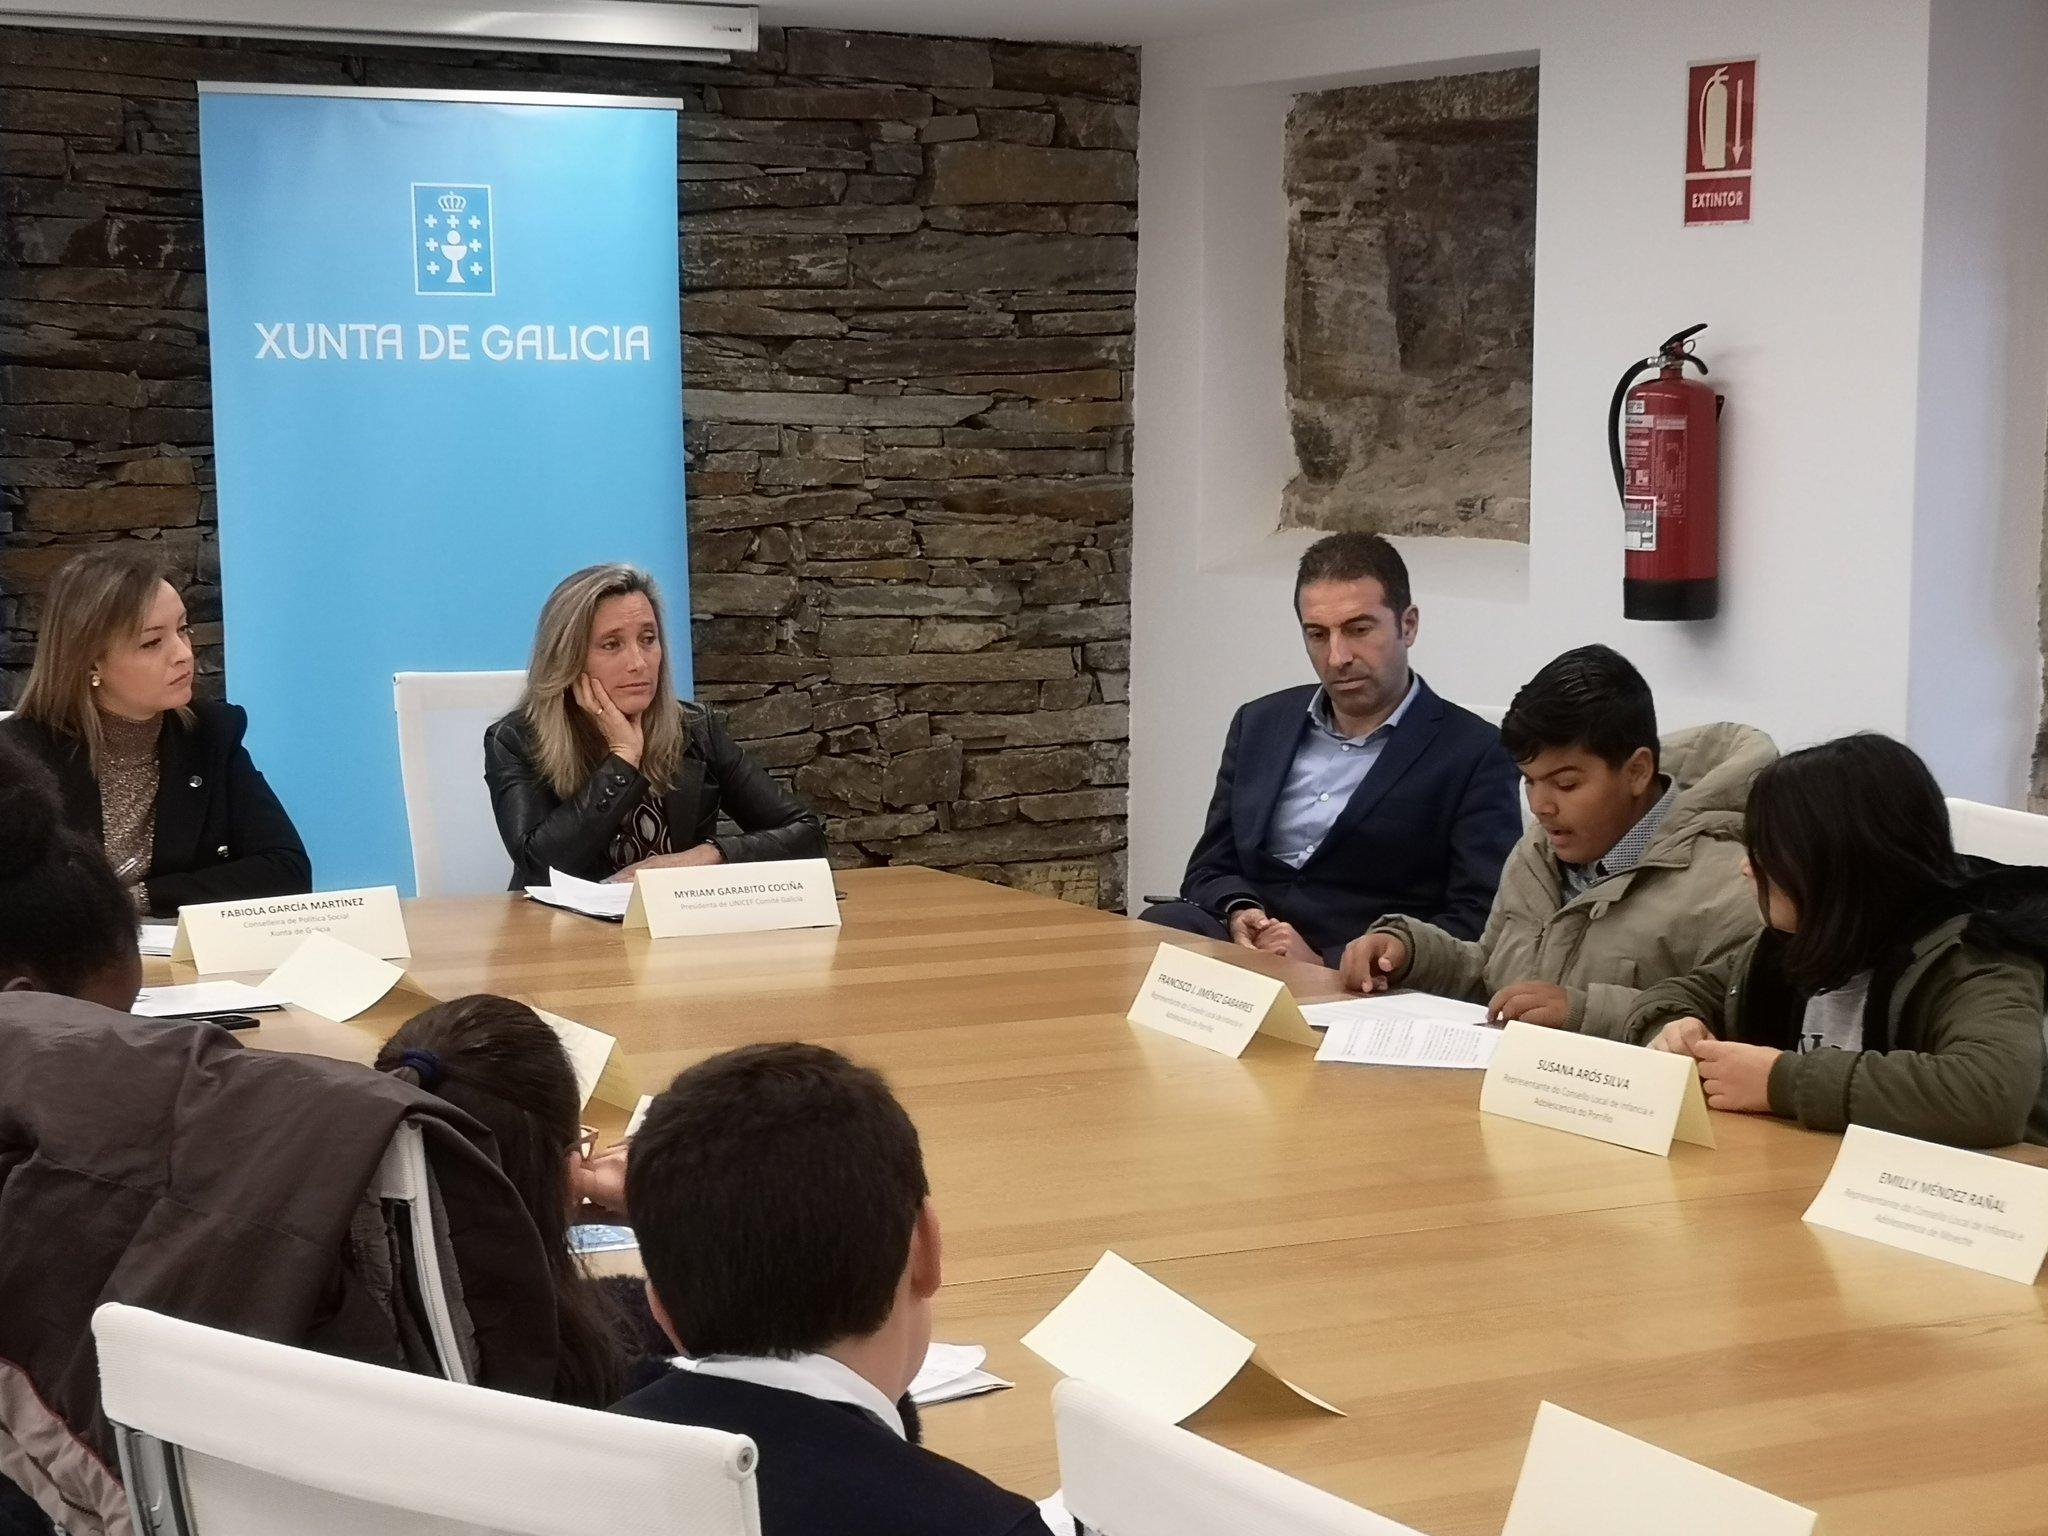 Francisco Jiménez, voceiro do Consello de Participación Infantil de O Porriño falou ante a Conselleira de Política Social da Xunta de Galicia